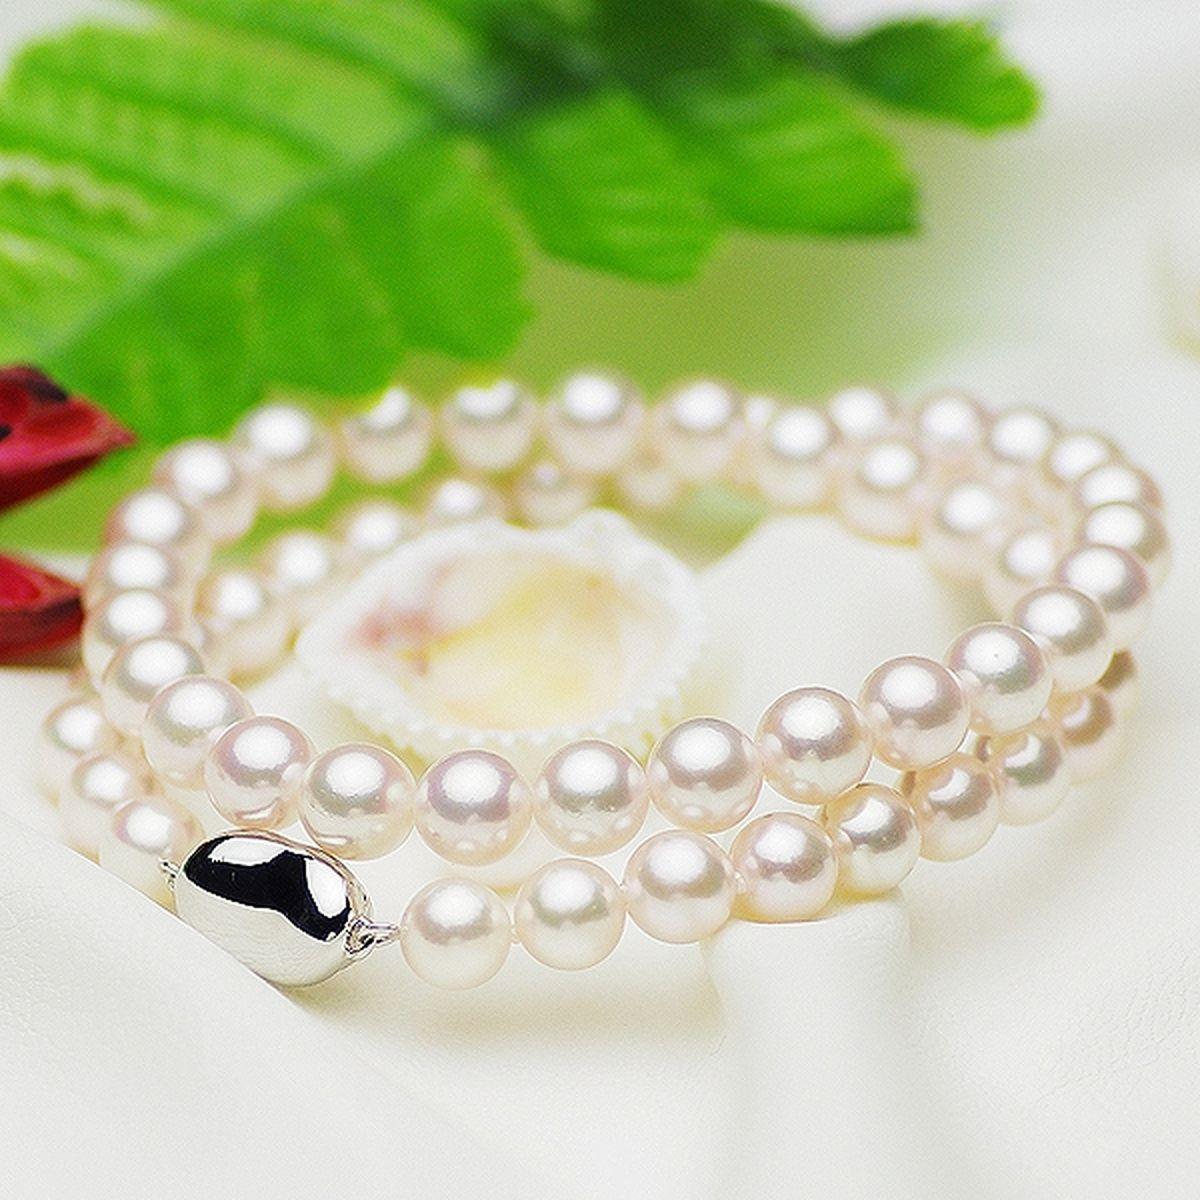 アコヤ 花珠 真珠 フォーマル セット 約7.5-8.0mmの写真